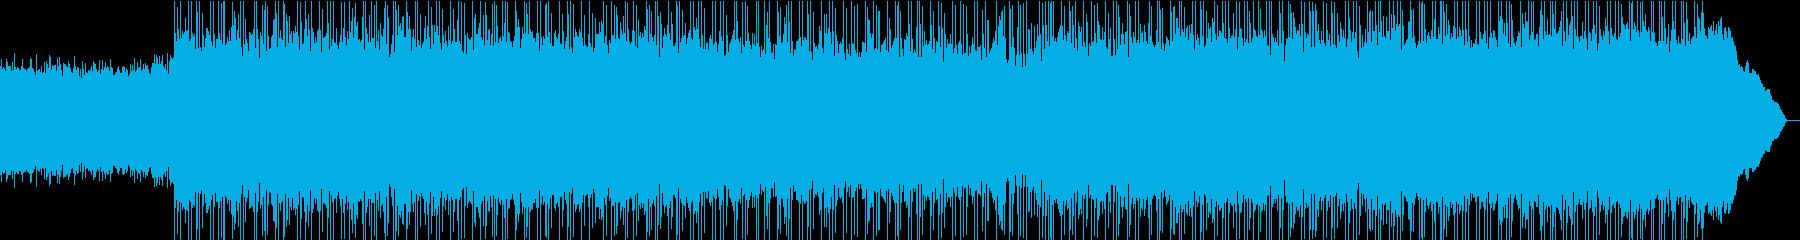 アップビートでクラシックなロックトラックの再生済みの波形